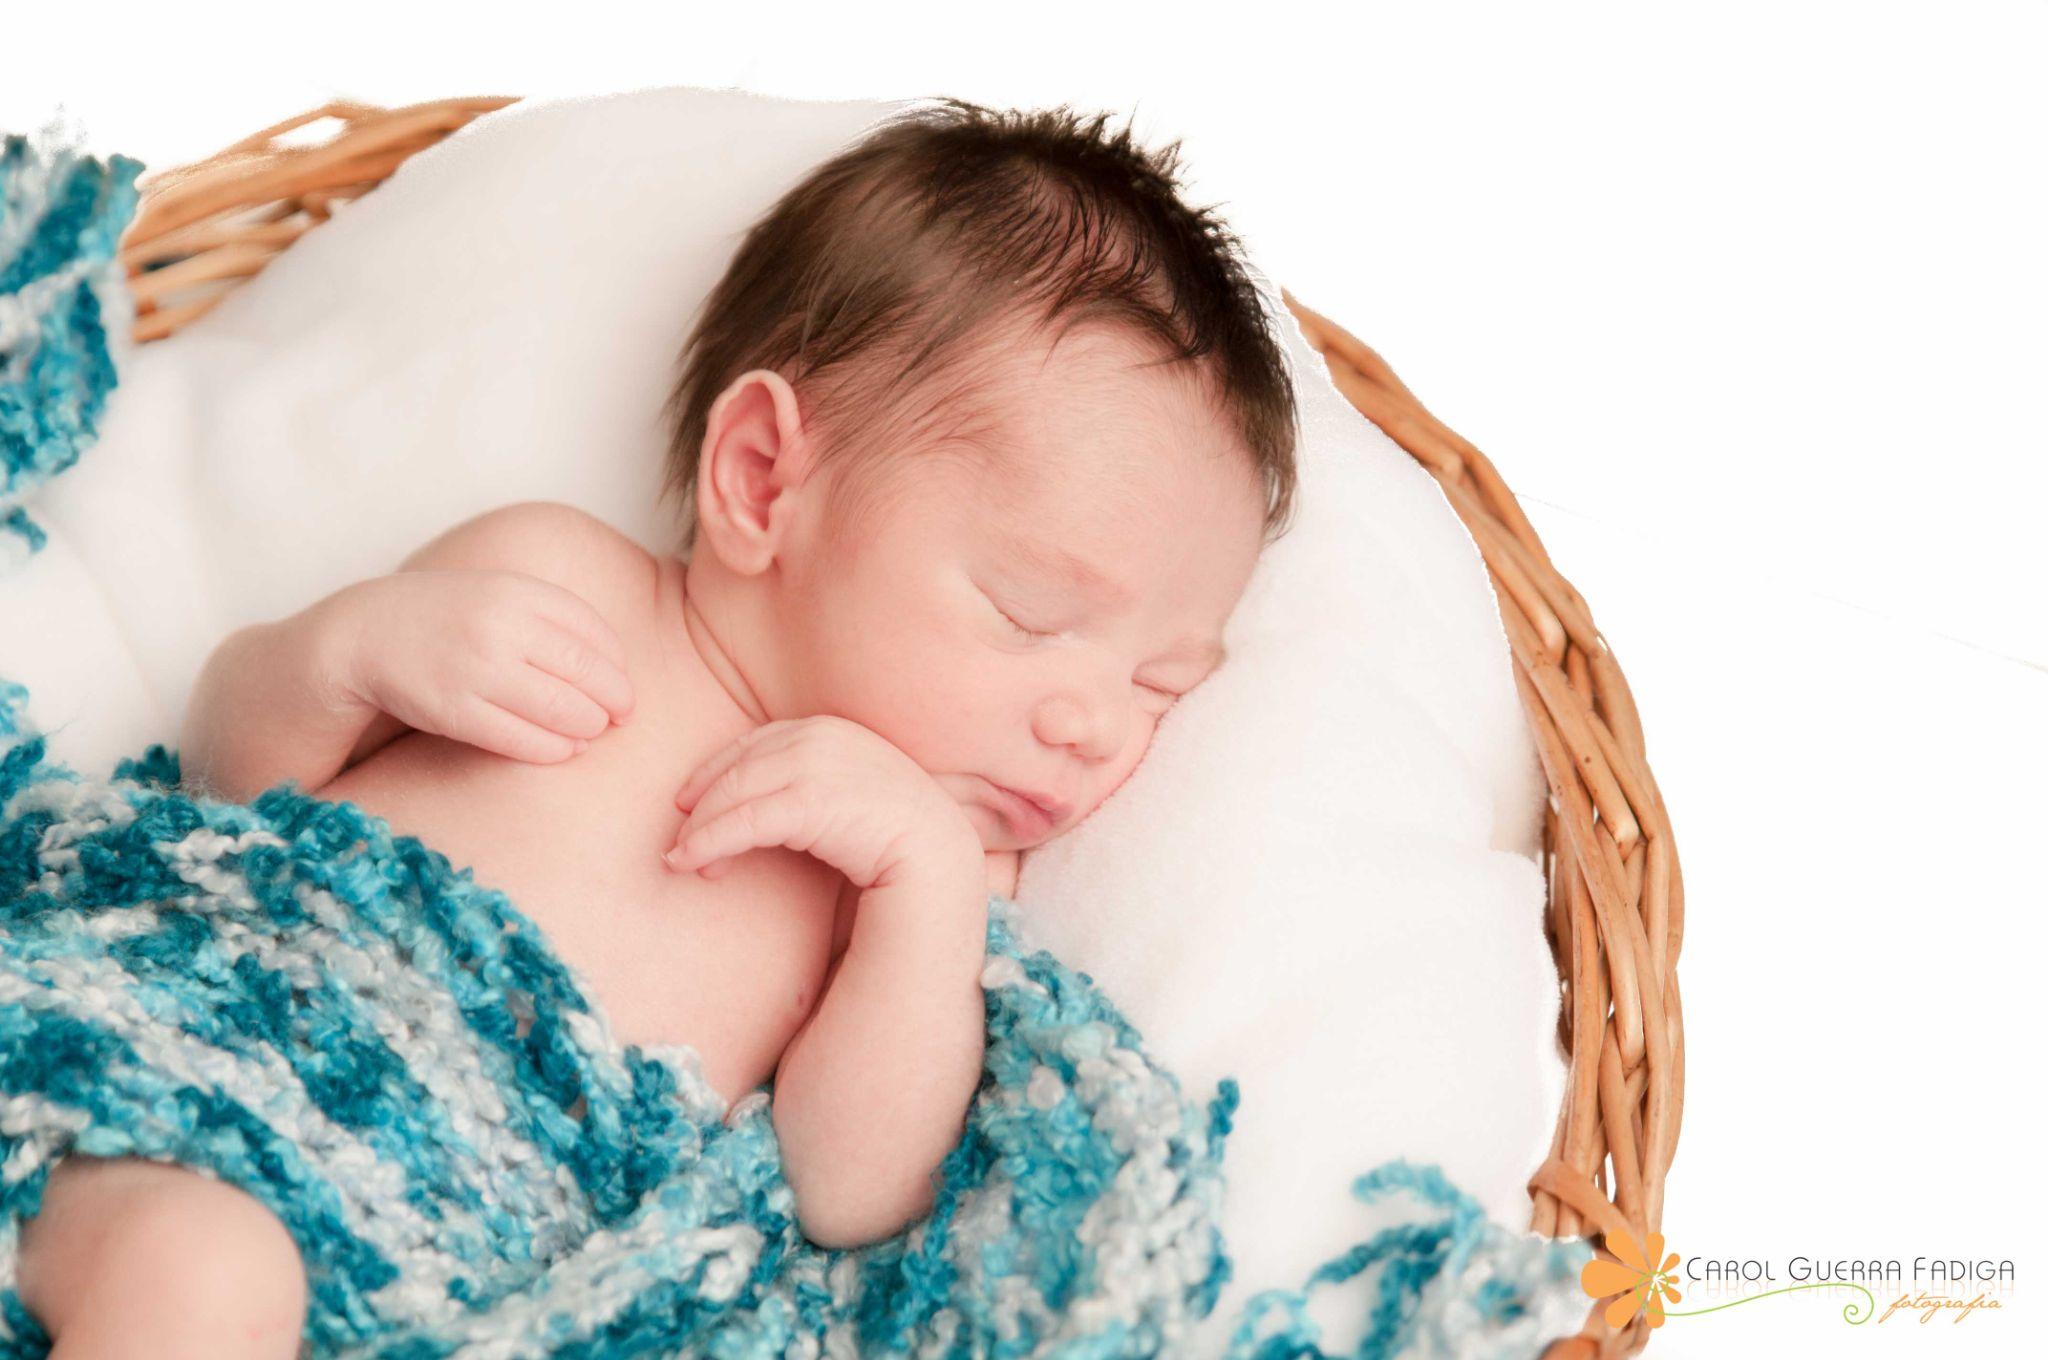 Newborn - 9 days by Carol Guerra Fadiga